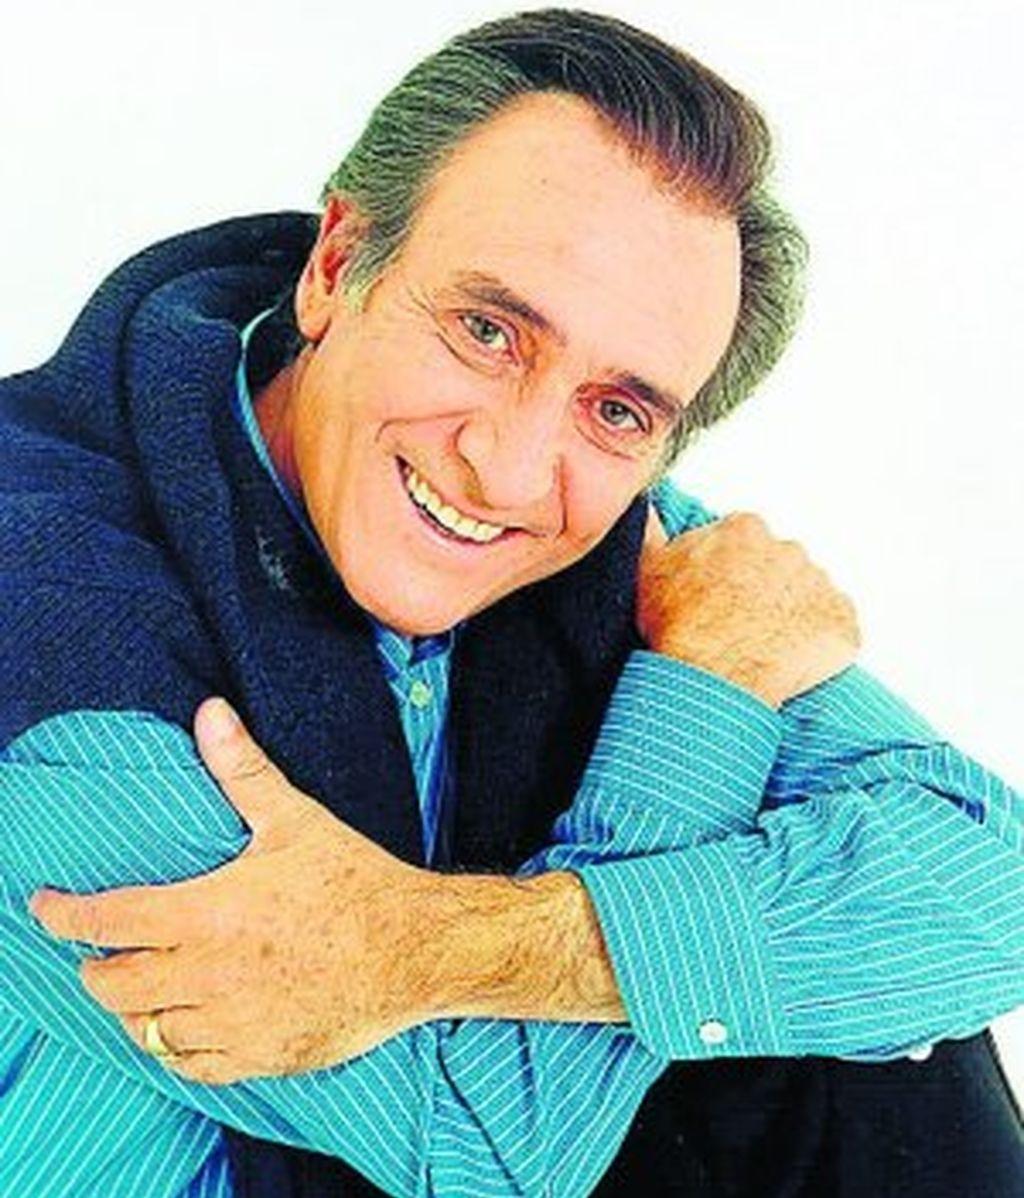 El cantante de copla más popular de España